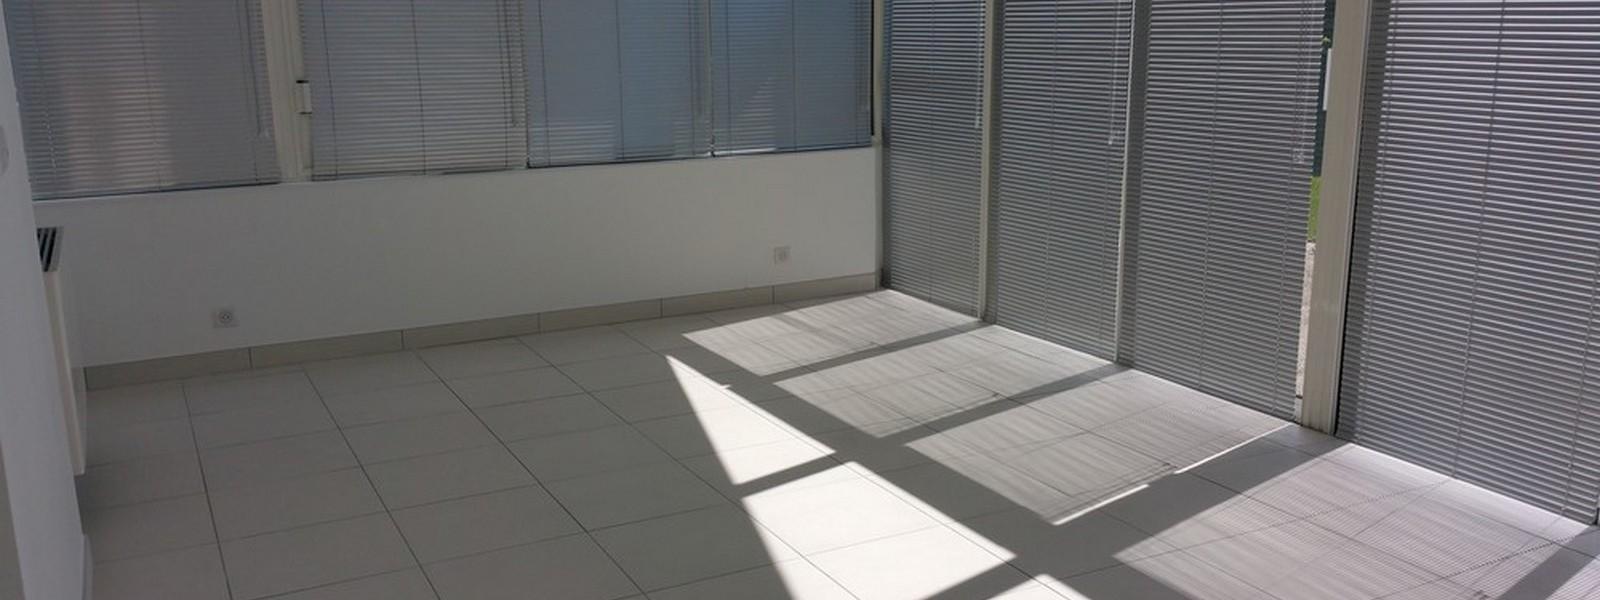 CHEMIN DES PUGINS - Appartements en copropriété - Visuel 4 - Impact immobilier 01